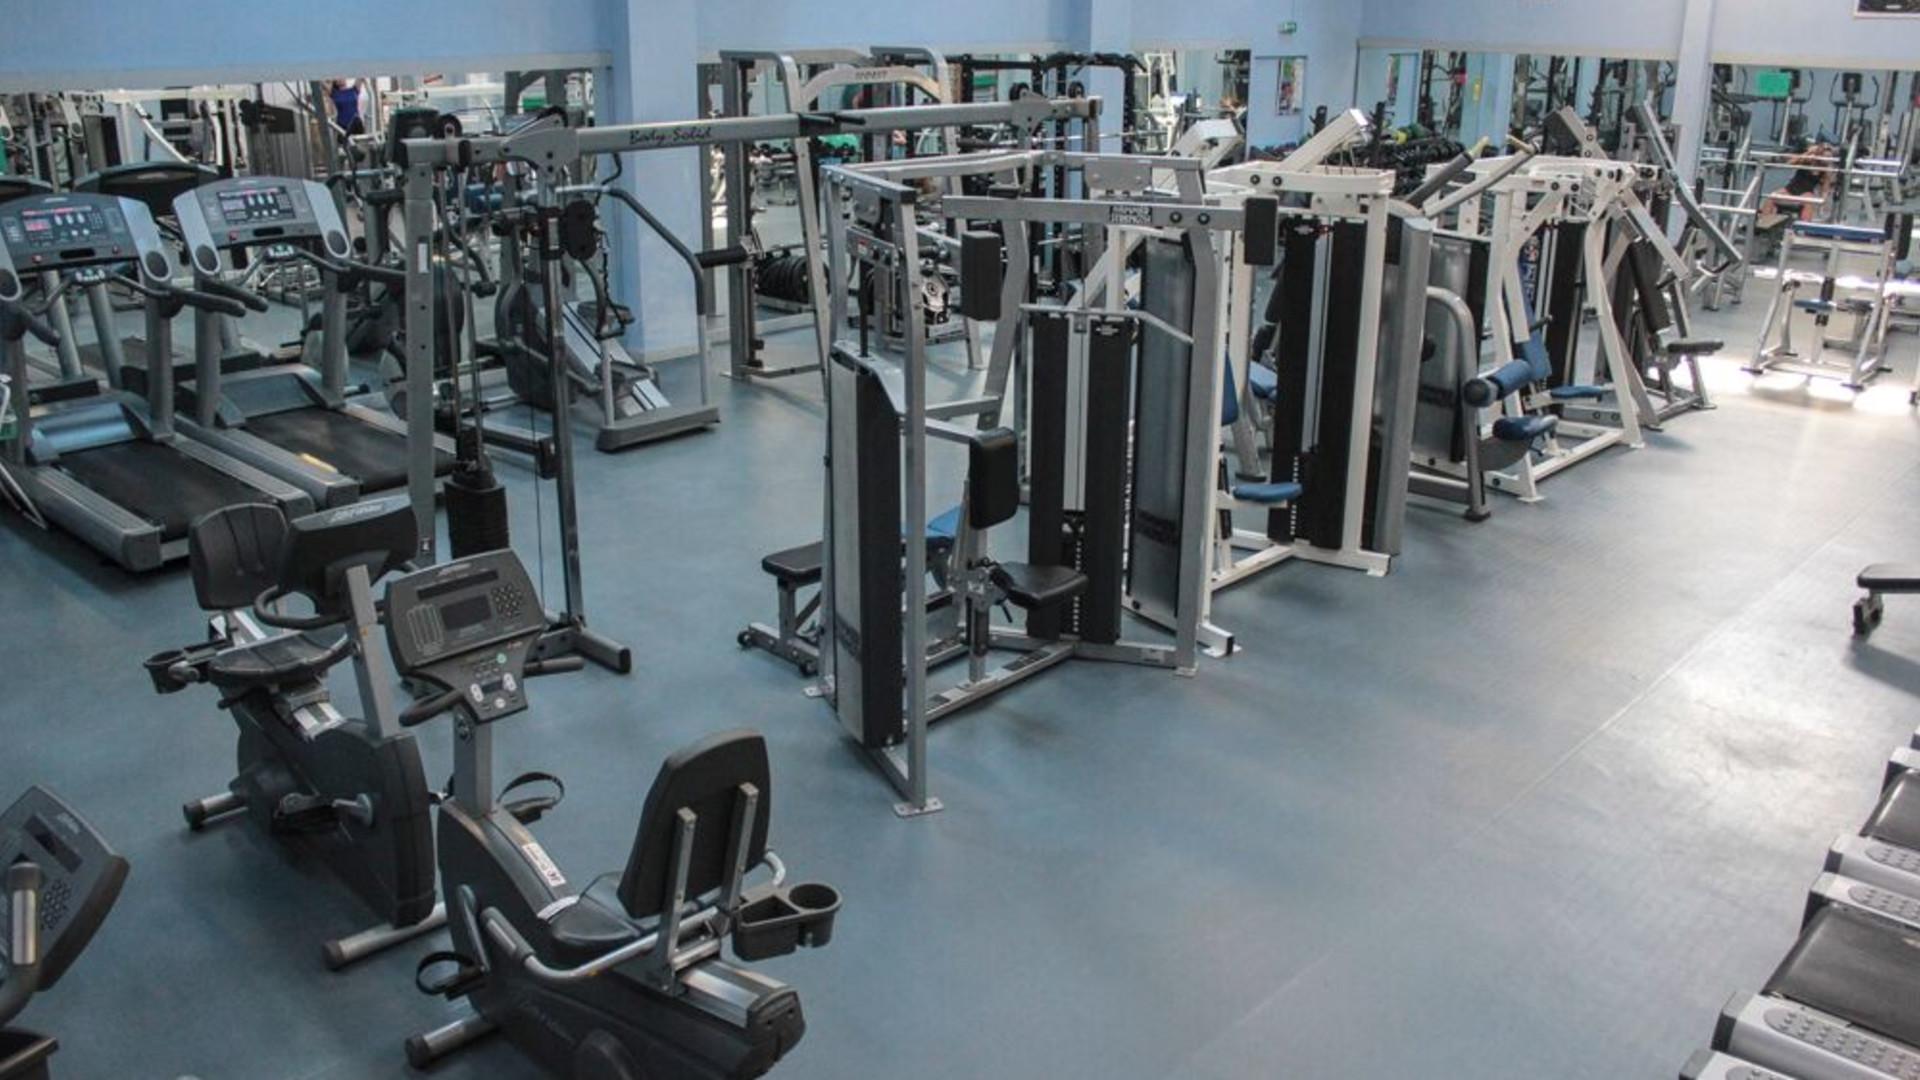 Club 24 Gym